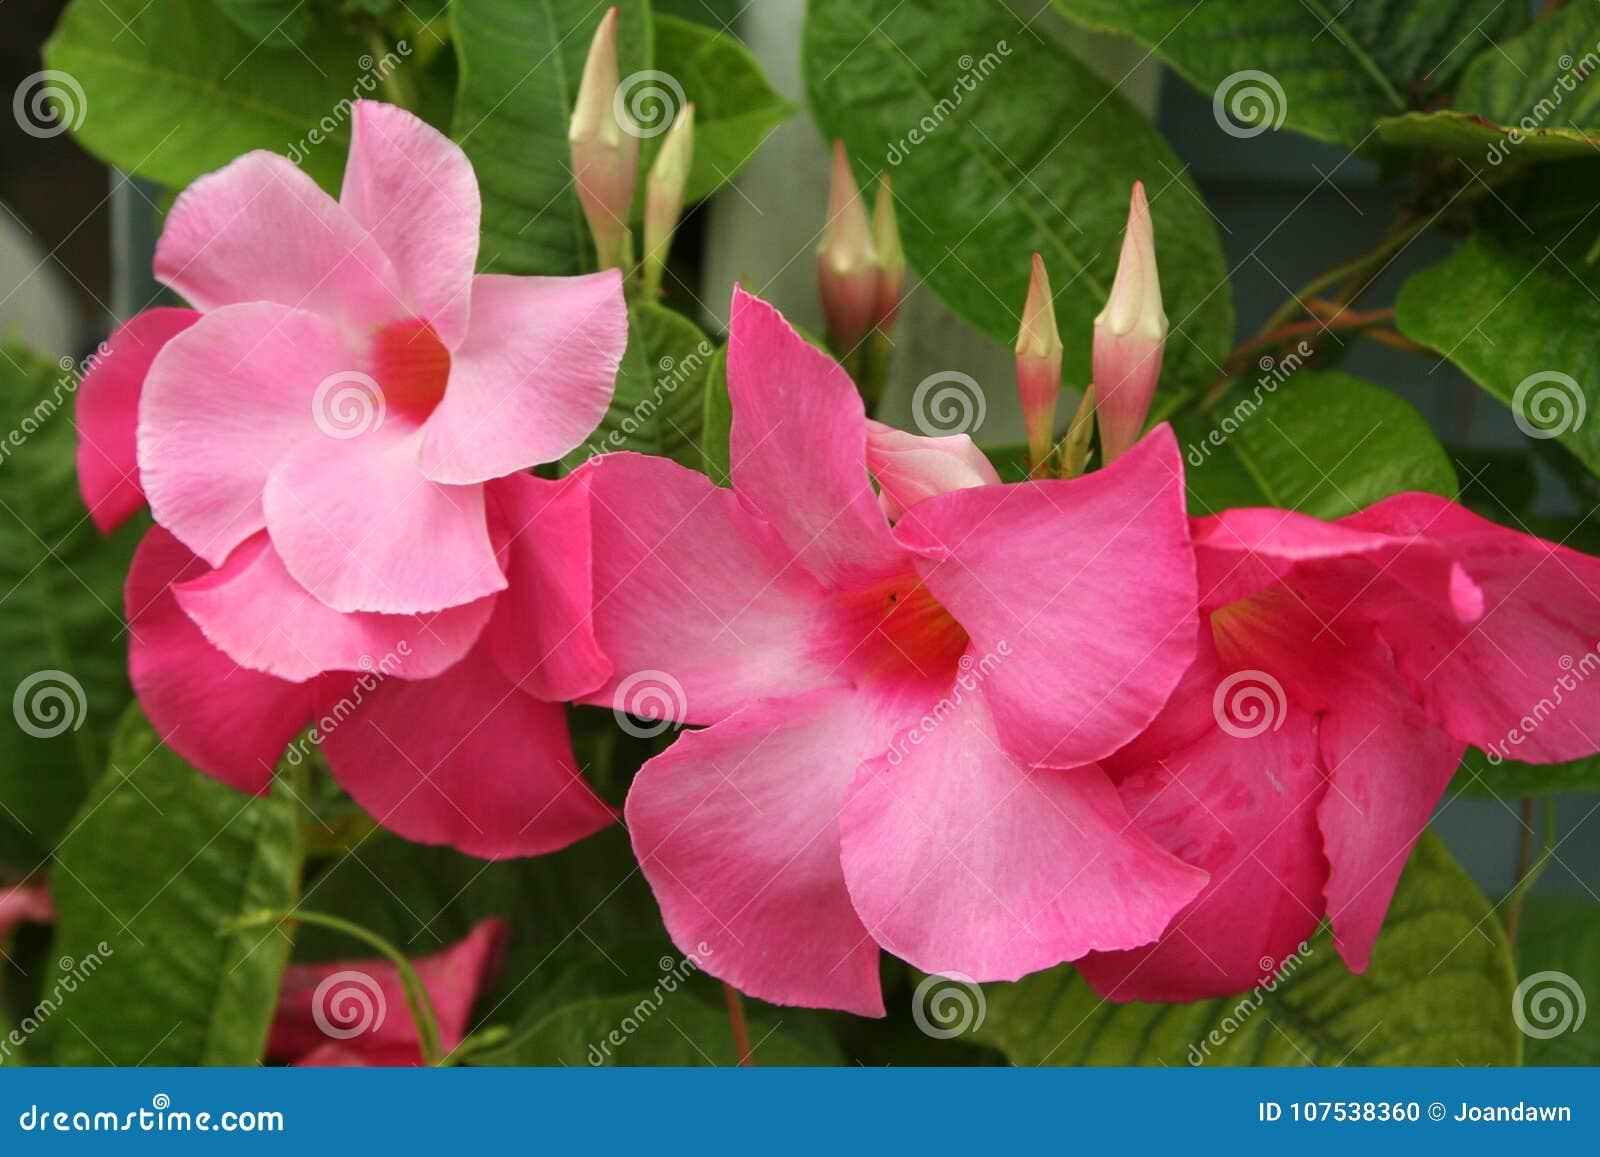 Mandevillablüten In Den Schatten Von Vibrierendem Rosa Und Von Ihren